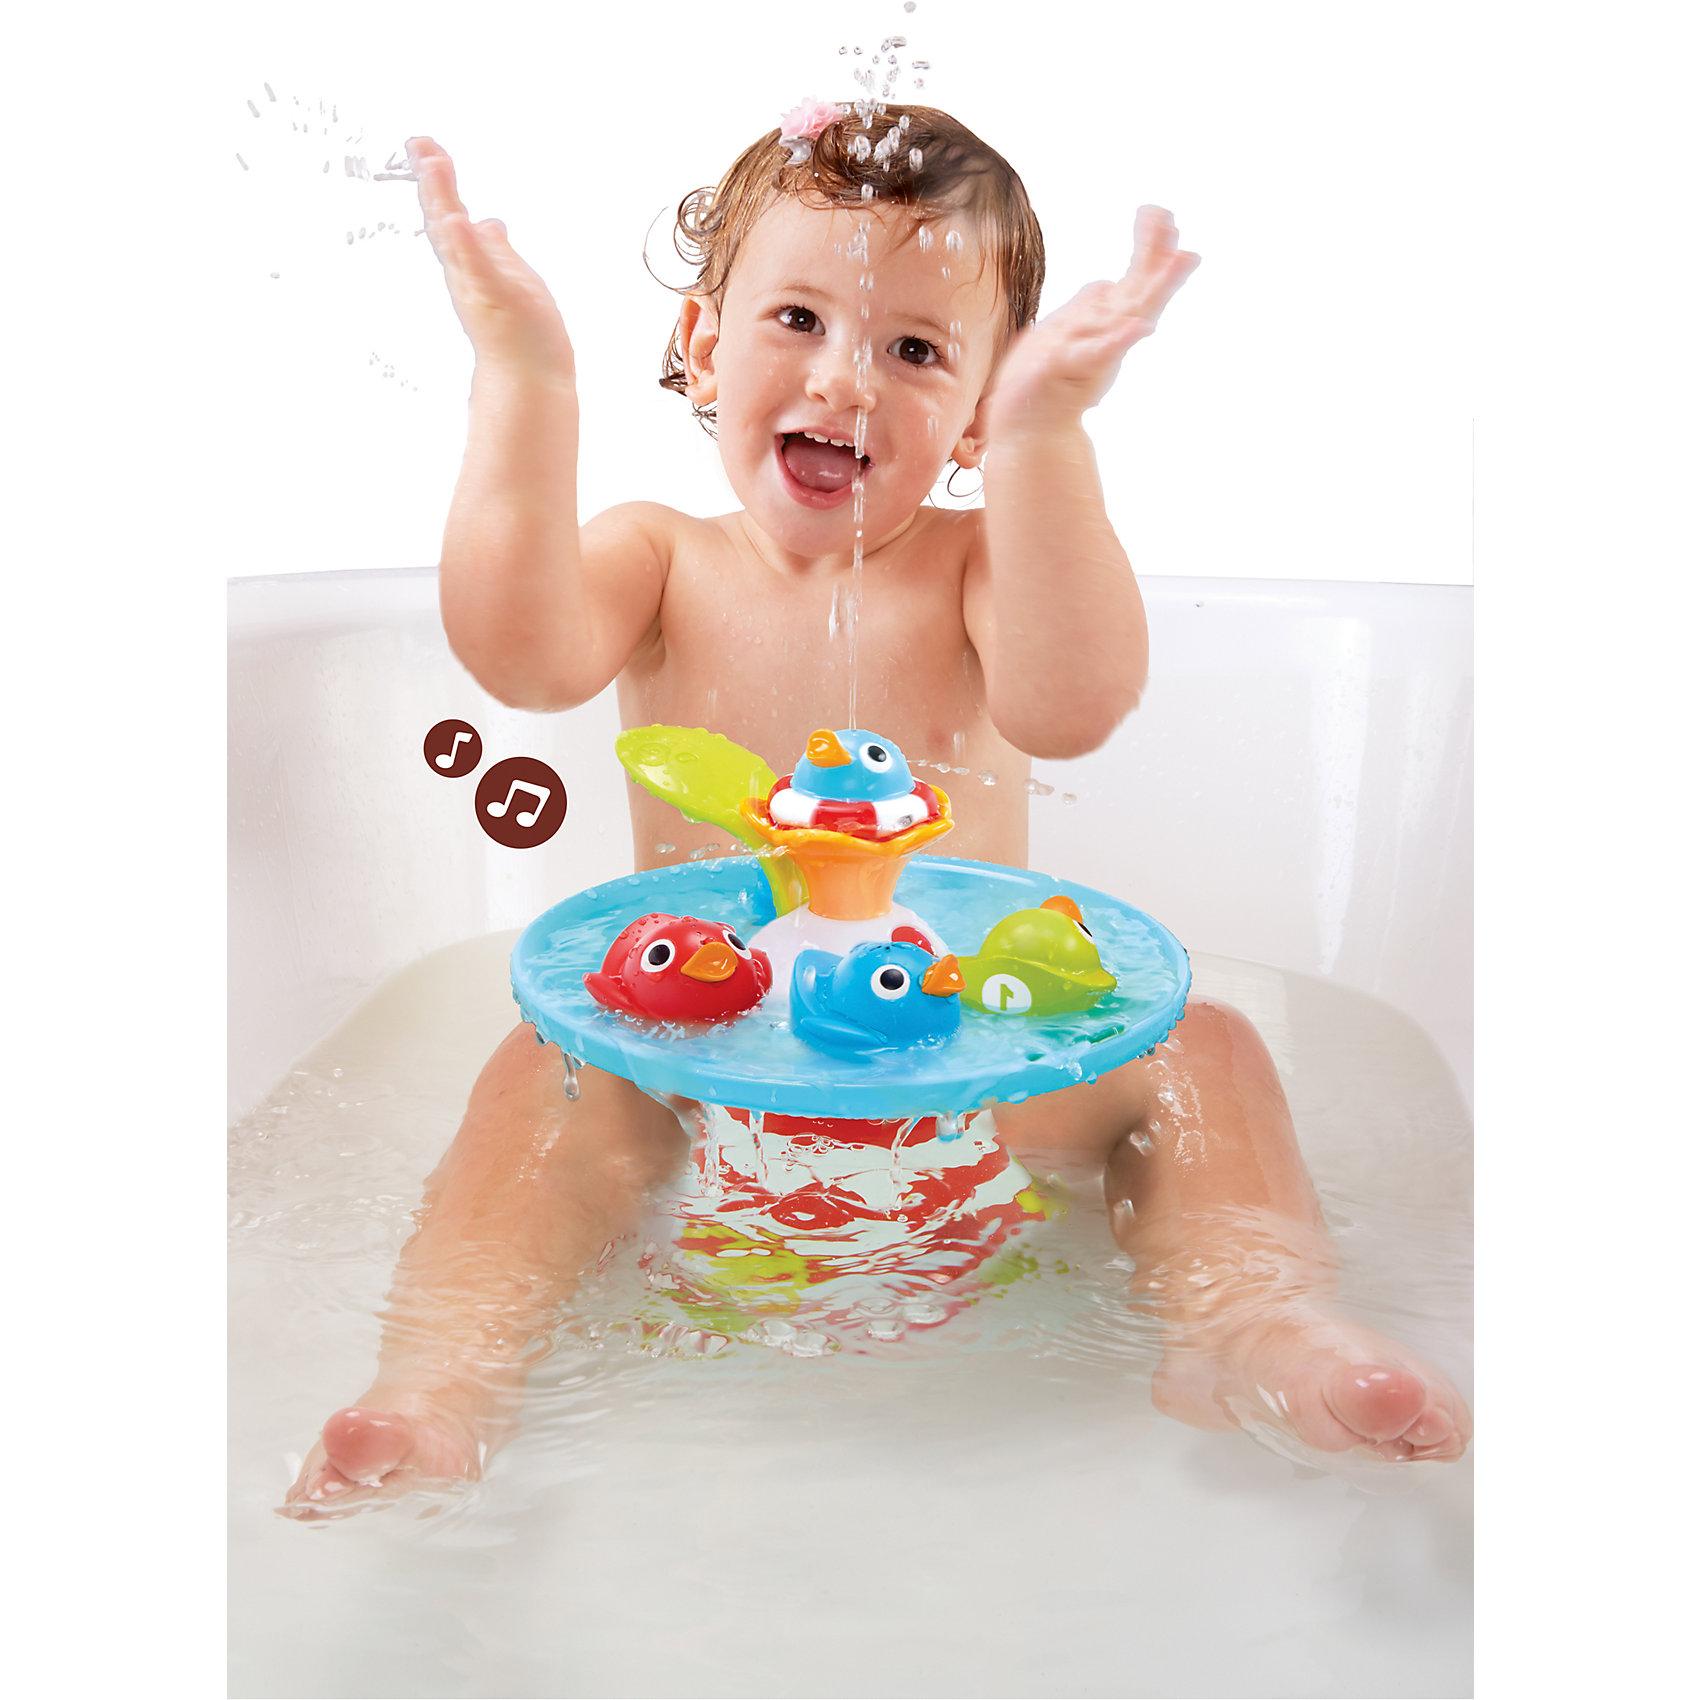 Музыкальная игрушка Утиные гонки, YookidooМузыкальная игрушка Утиные гонки, Yookidoo, позабавит и развлечет Вашего малыша во время купания. Игрушка представляет собой красочный фонтан с 4-мя фигурками уточек, которые кружатся по специальному желобку, наполняемому водой. Переключая на корпусе игрушки рычажок-листочек ребенок запускает забавные музыкальные и водные эффекты. Уточки кружатся вокруг фонтана, издавая забавные звуки и выпуская струйки воды. Всего в игрушке 9 различных музыкальных и водных эффектов. Имеется функция отключения звука. Игра развивает<br>координацию движений, причинно-следственное мышление, дает представление о таких физических свойствах как пустота-заполненность и плавучесть и ее отсутствие.<br><br>Дополнительная информация:<br><br>- В комплекте: фонтан, 4 разноцветные фигурки уток.<br>- Материал: пластик.<br>- Требуются батарейки: 4 х АА (в комплект не входят).<br>- Размер упаковки: 24,5 х 22,5 х 27,5 см.<br>- Вес: 0,91 кг.<br><br>Музыкальную игрушку Утиные гонки, Yookidoo, можно купить в нашем интернет-магазине.<br><br>Ширина мм: 25<br>Глубина мм: 28<br>Высота мм: 23<br>Вес г: 910<br>Возраст от месяцев: 6<br>Возраст до месяцев: 36<br>Пол: Унисекс<br>Возраст: Детский<br>SKU: 4244274